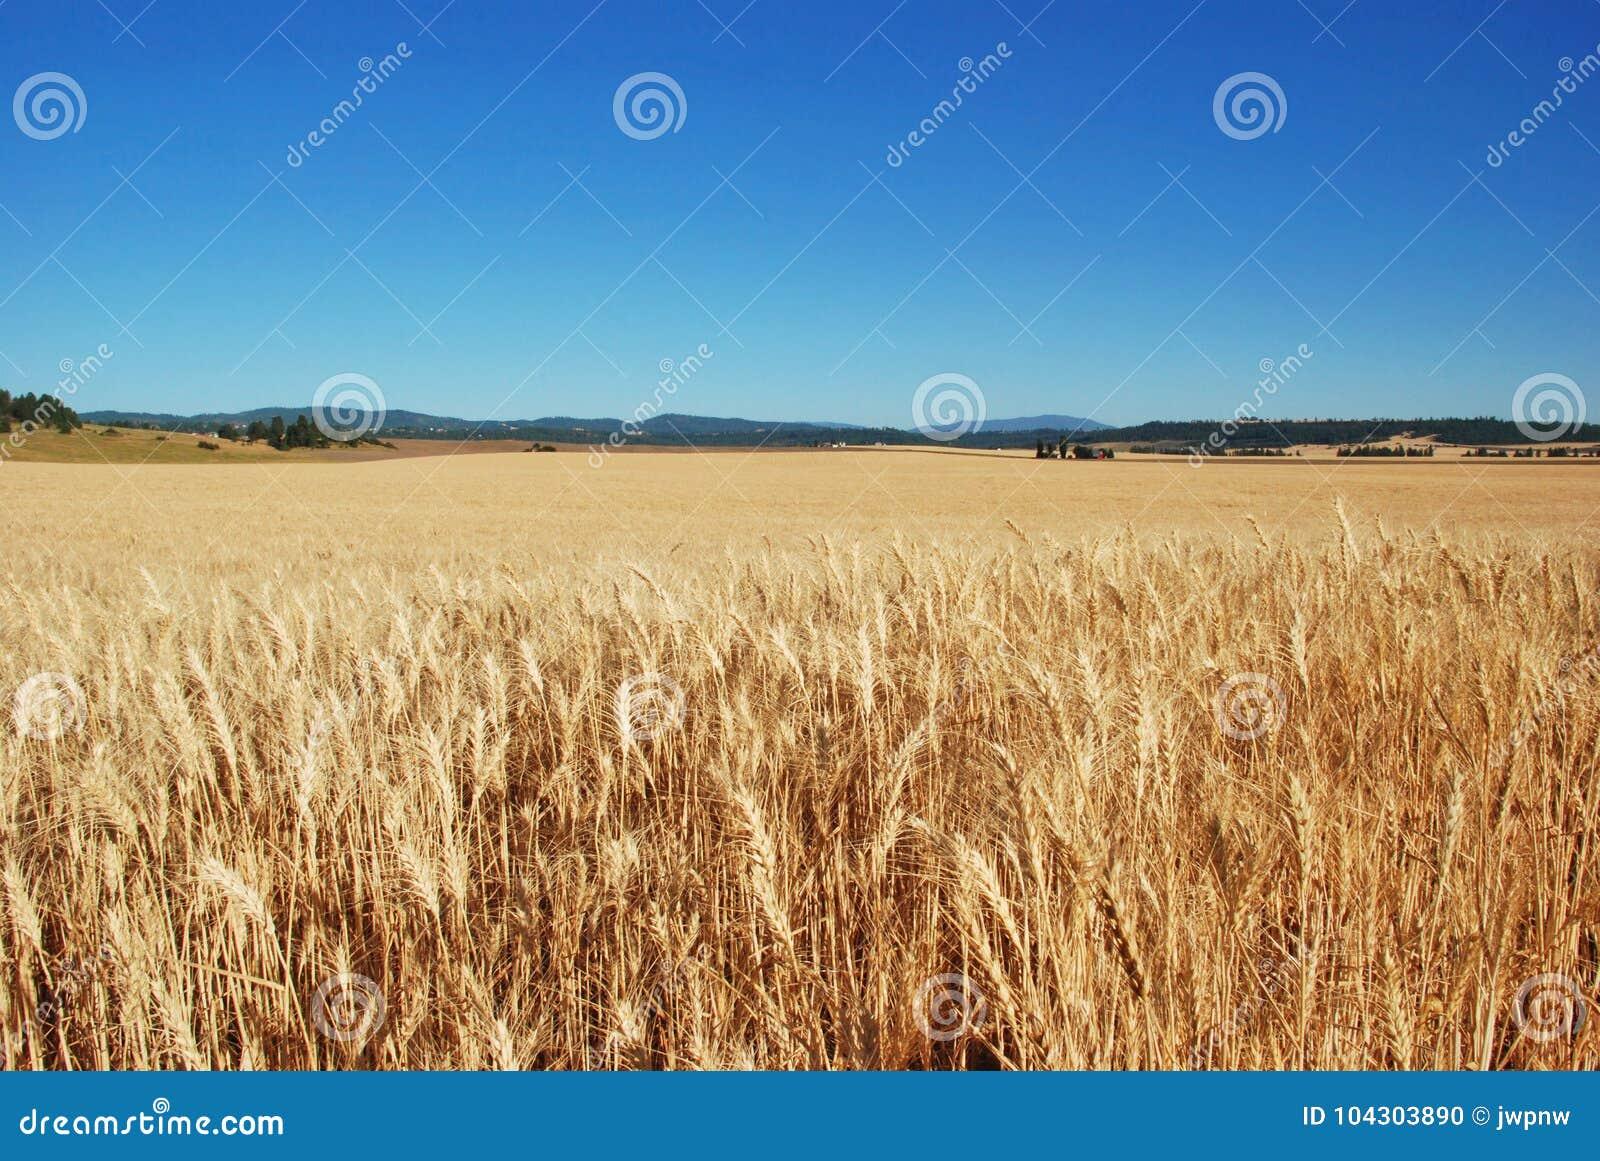 Giacimenti di grano, la contea di Spokane, Washington